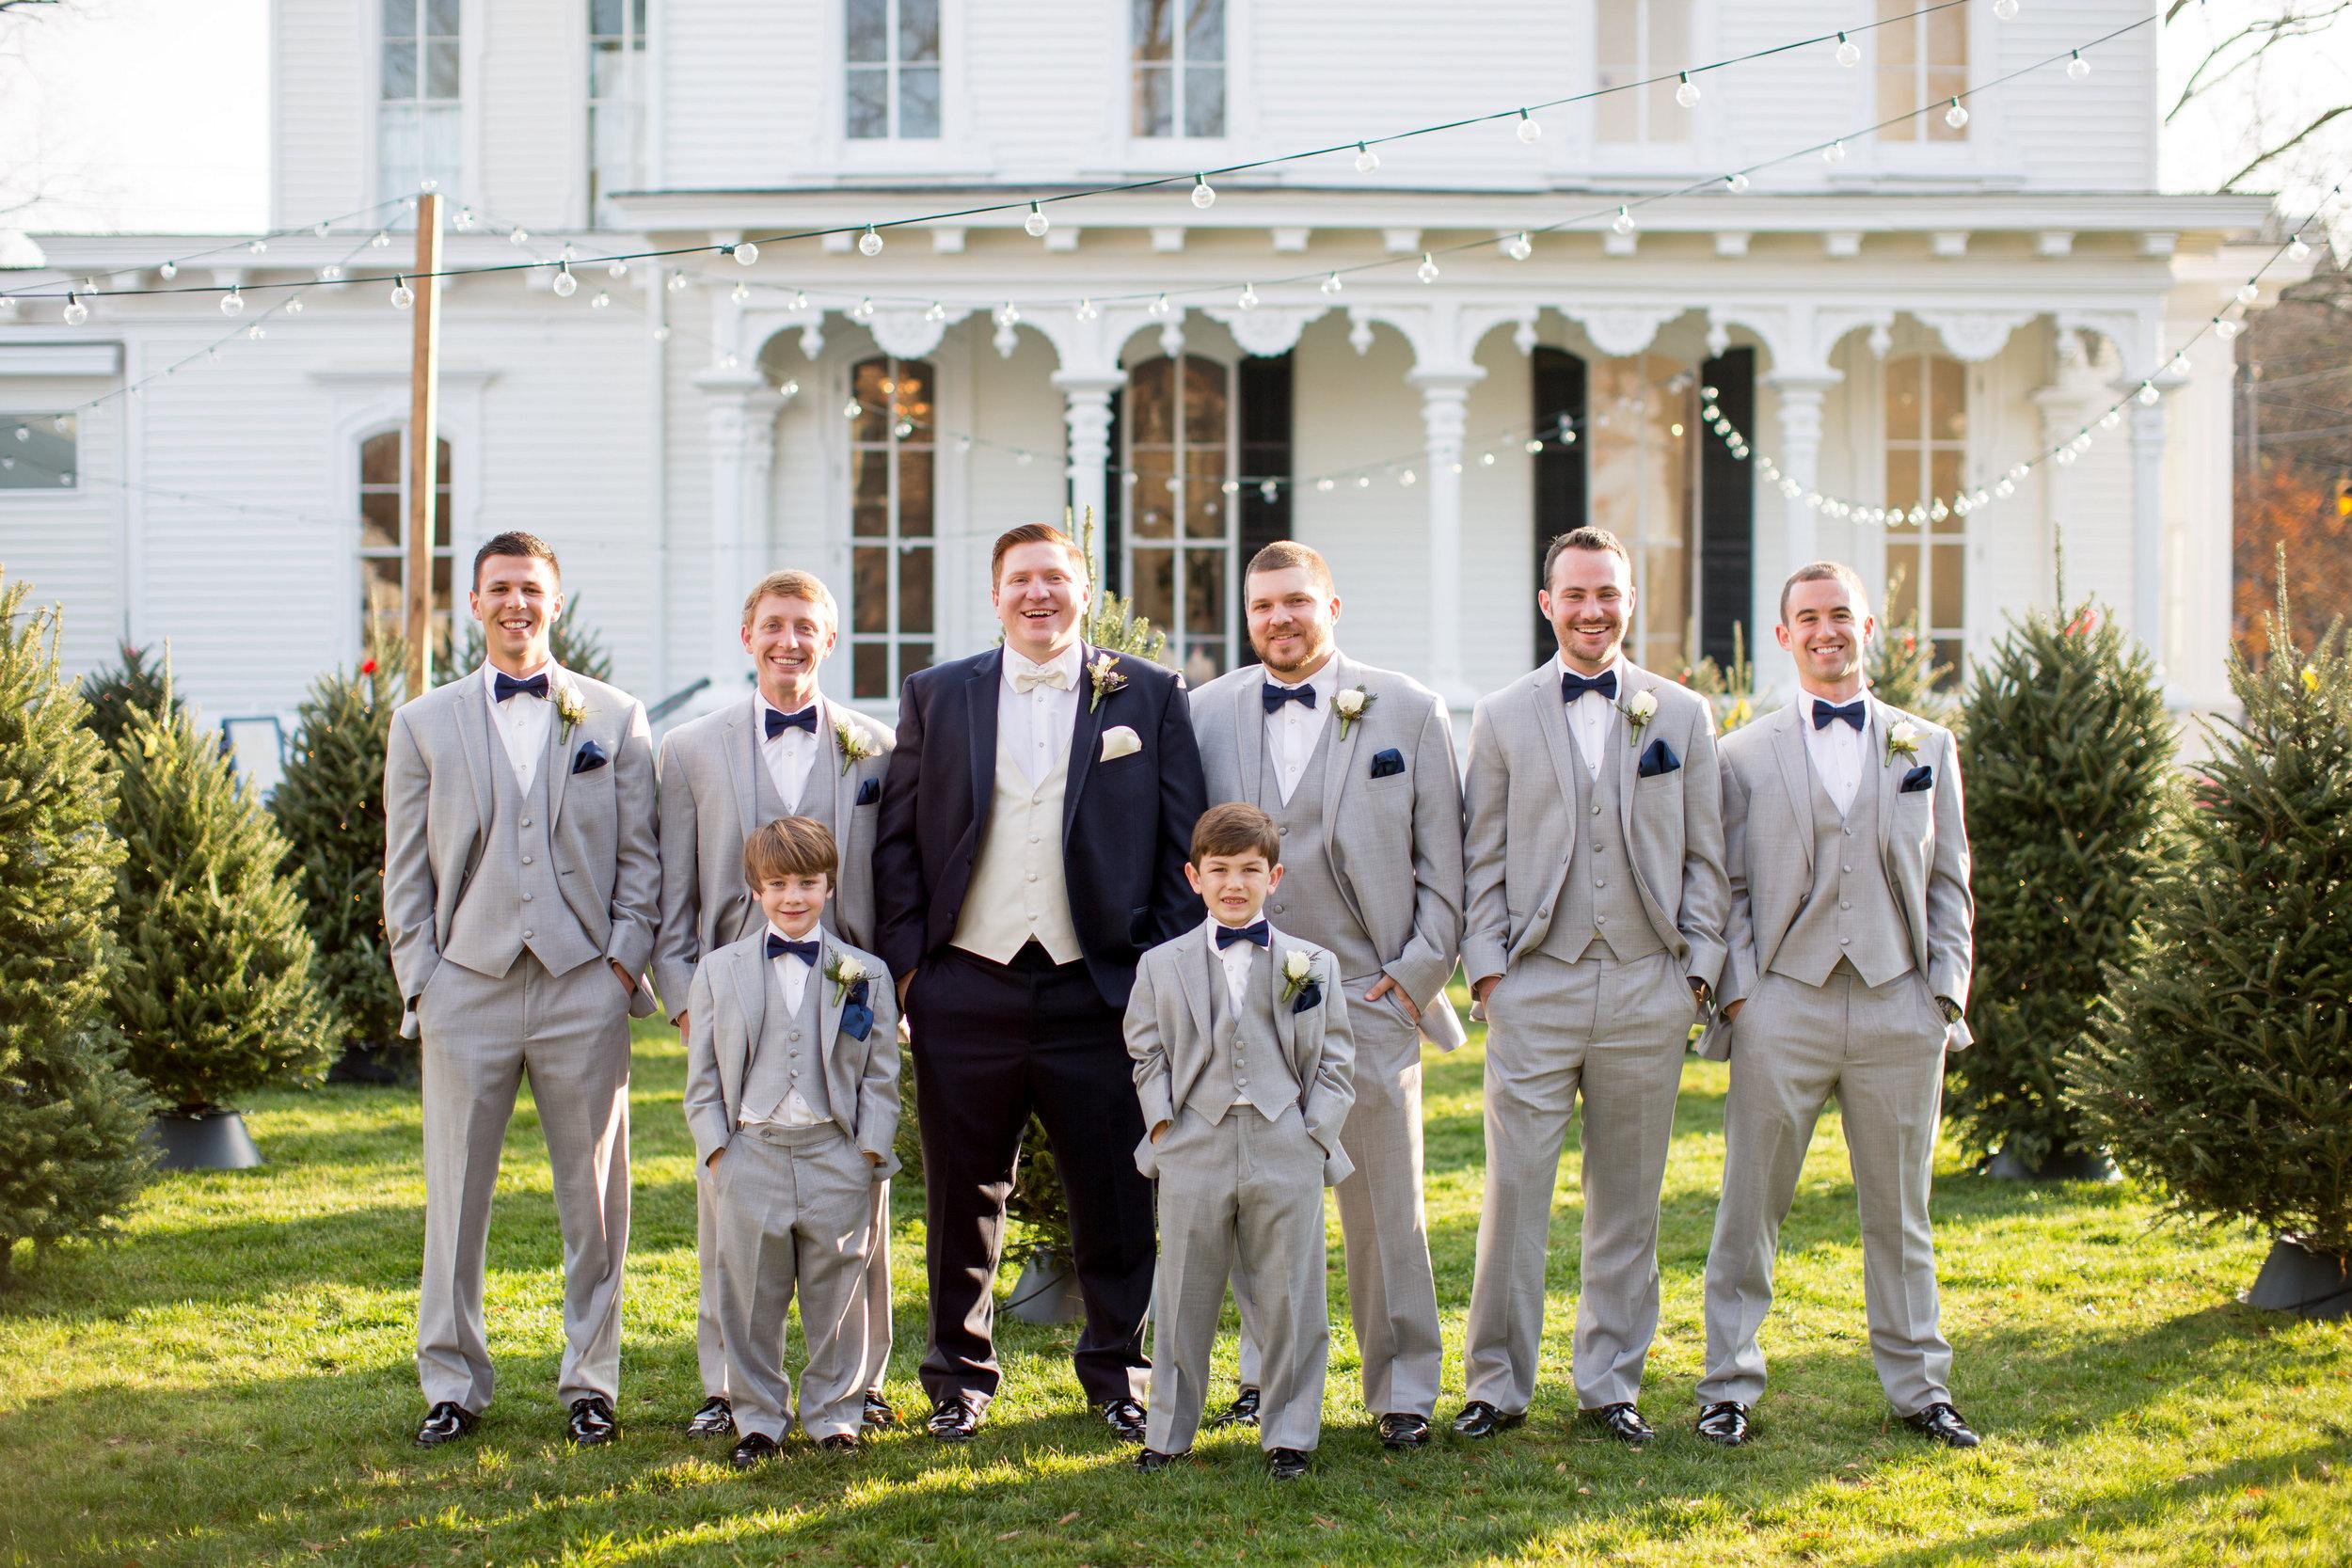 c8f83-bridalpartypictureraleighchristmastreefarmweddingbridalpartypictureraleighchristmastreefarmwedding.jpg